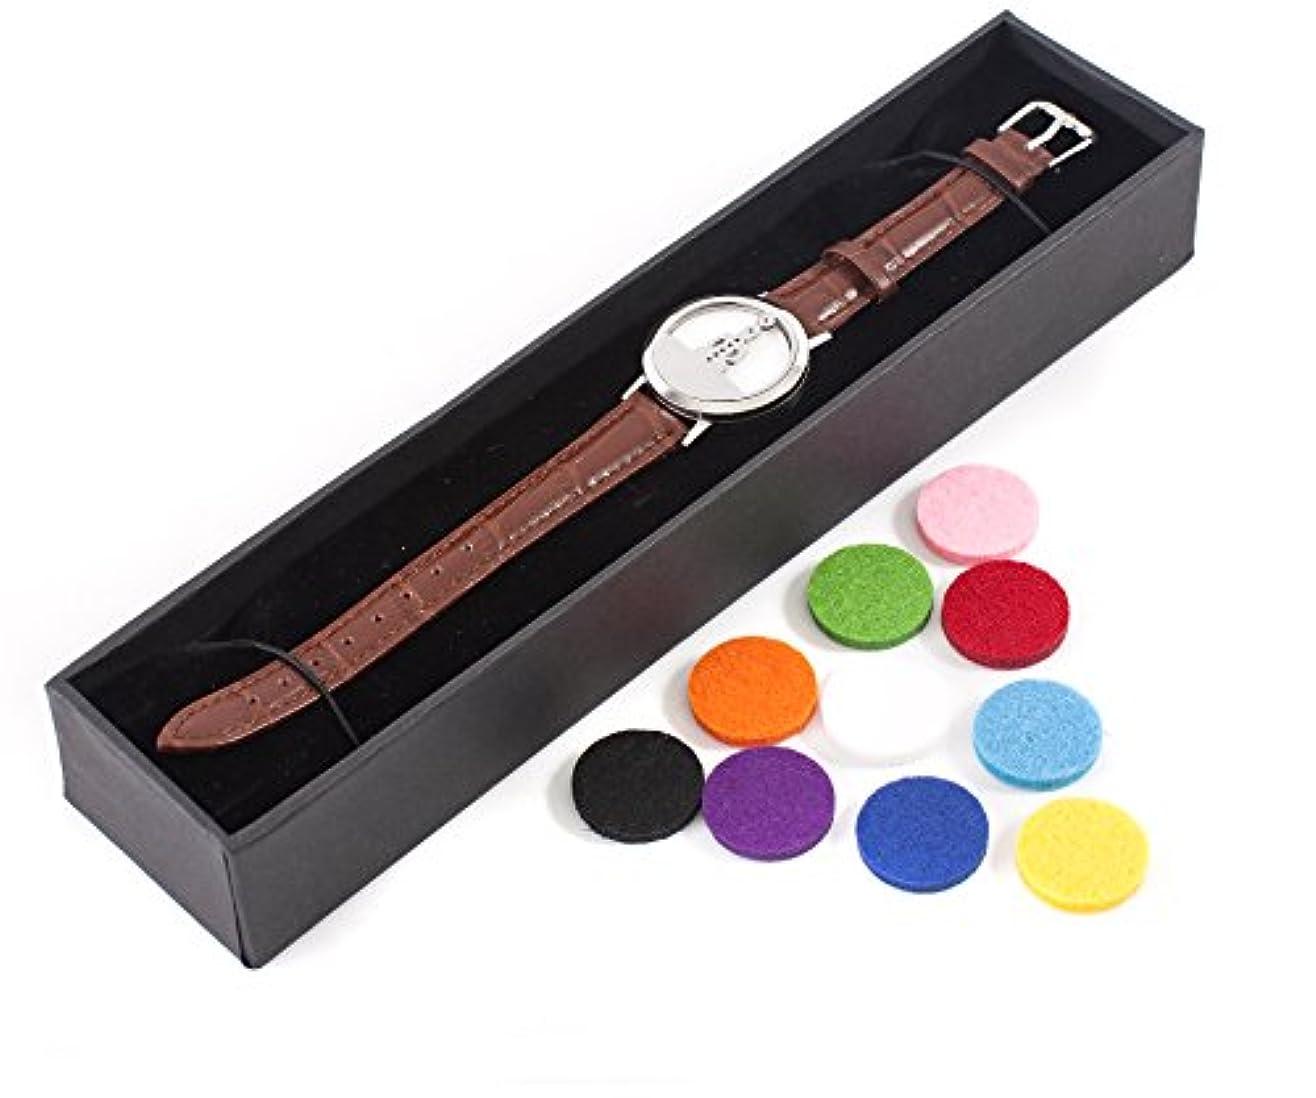 マイナー絶対の解くMystic Moments | Seven Chakras | Aromatherapy Oil Diffuser Bracelet with Adjustable Brown Leather Strap